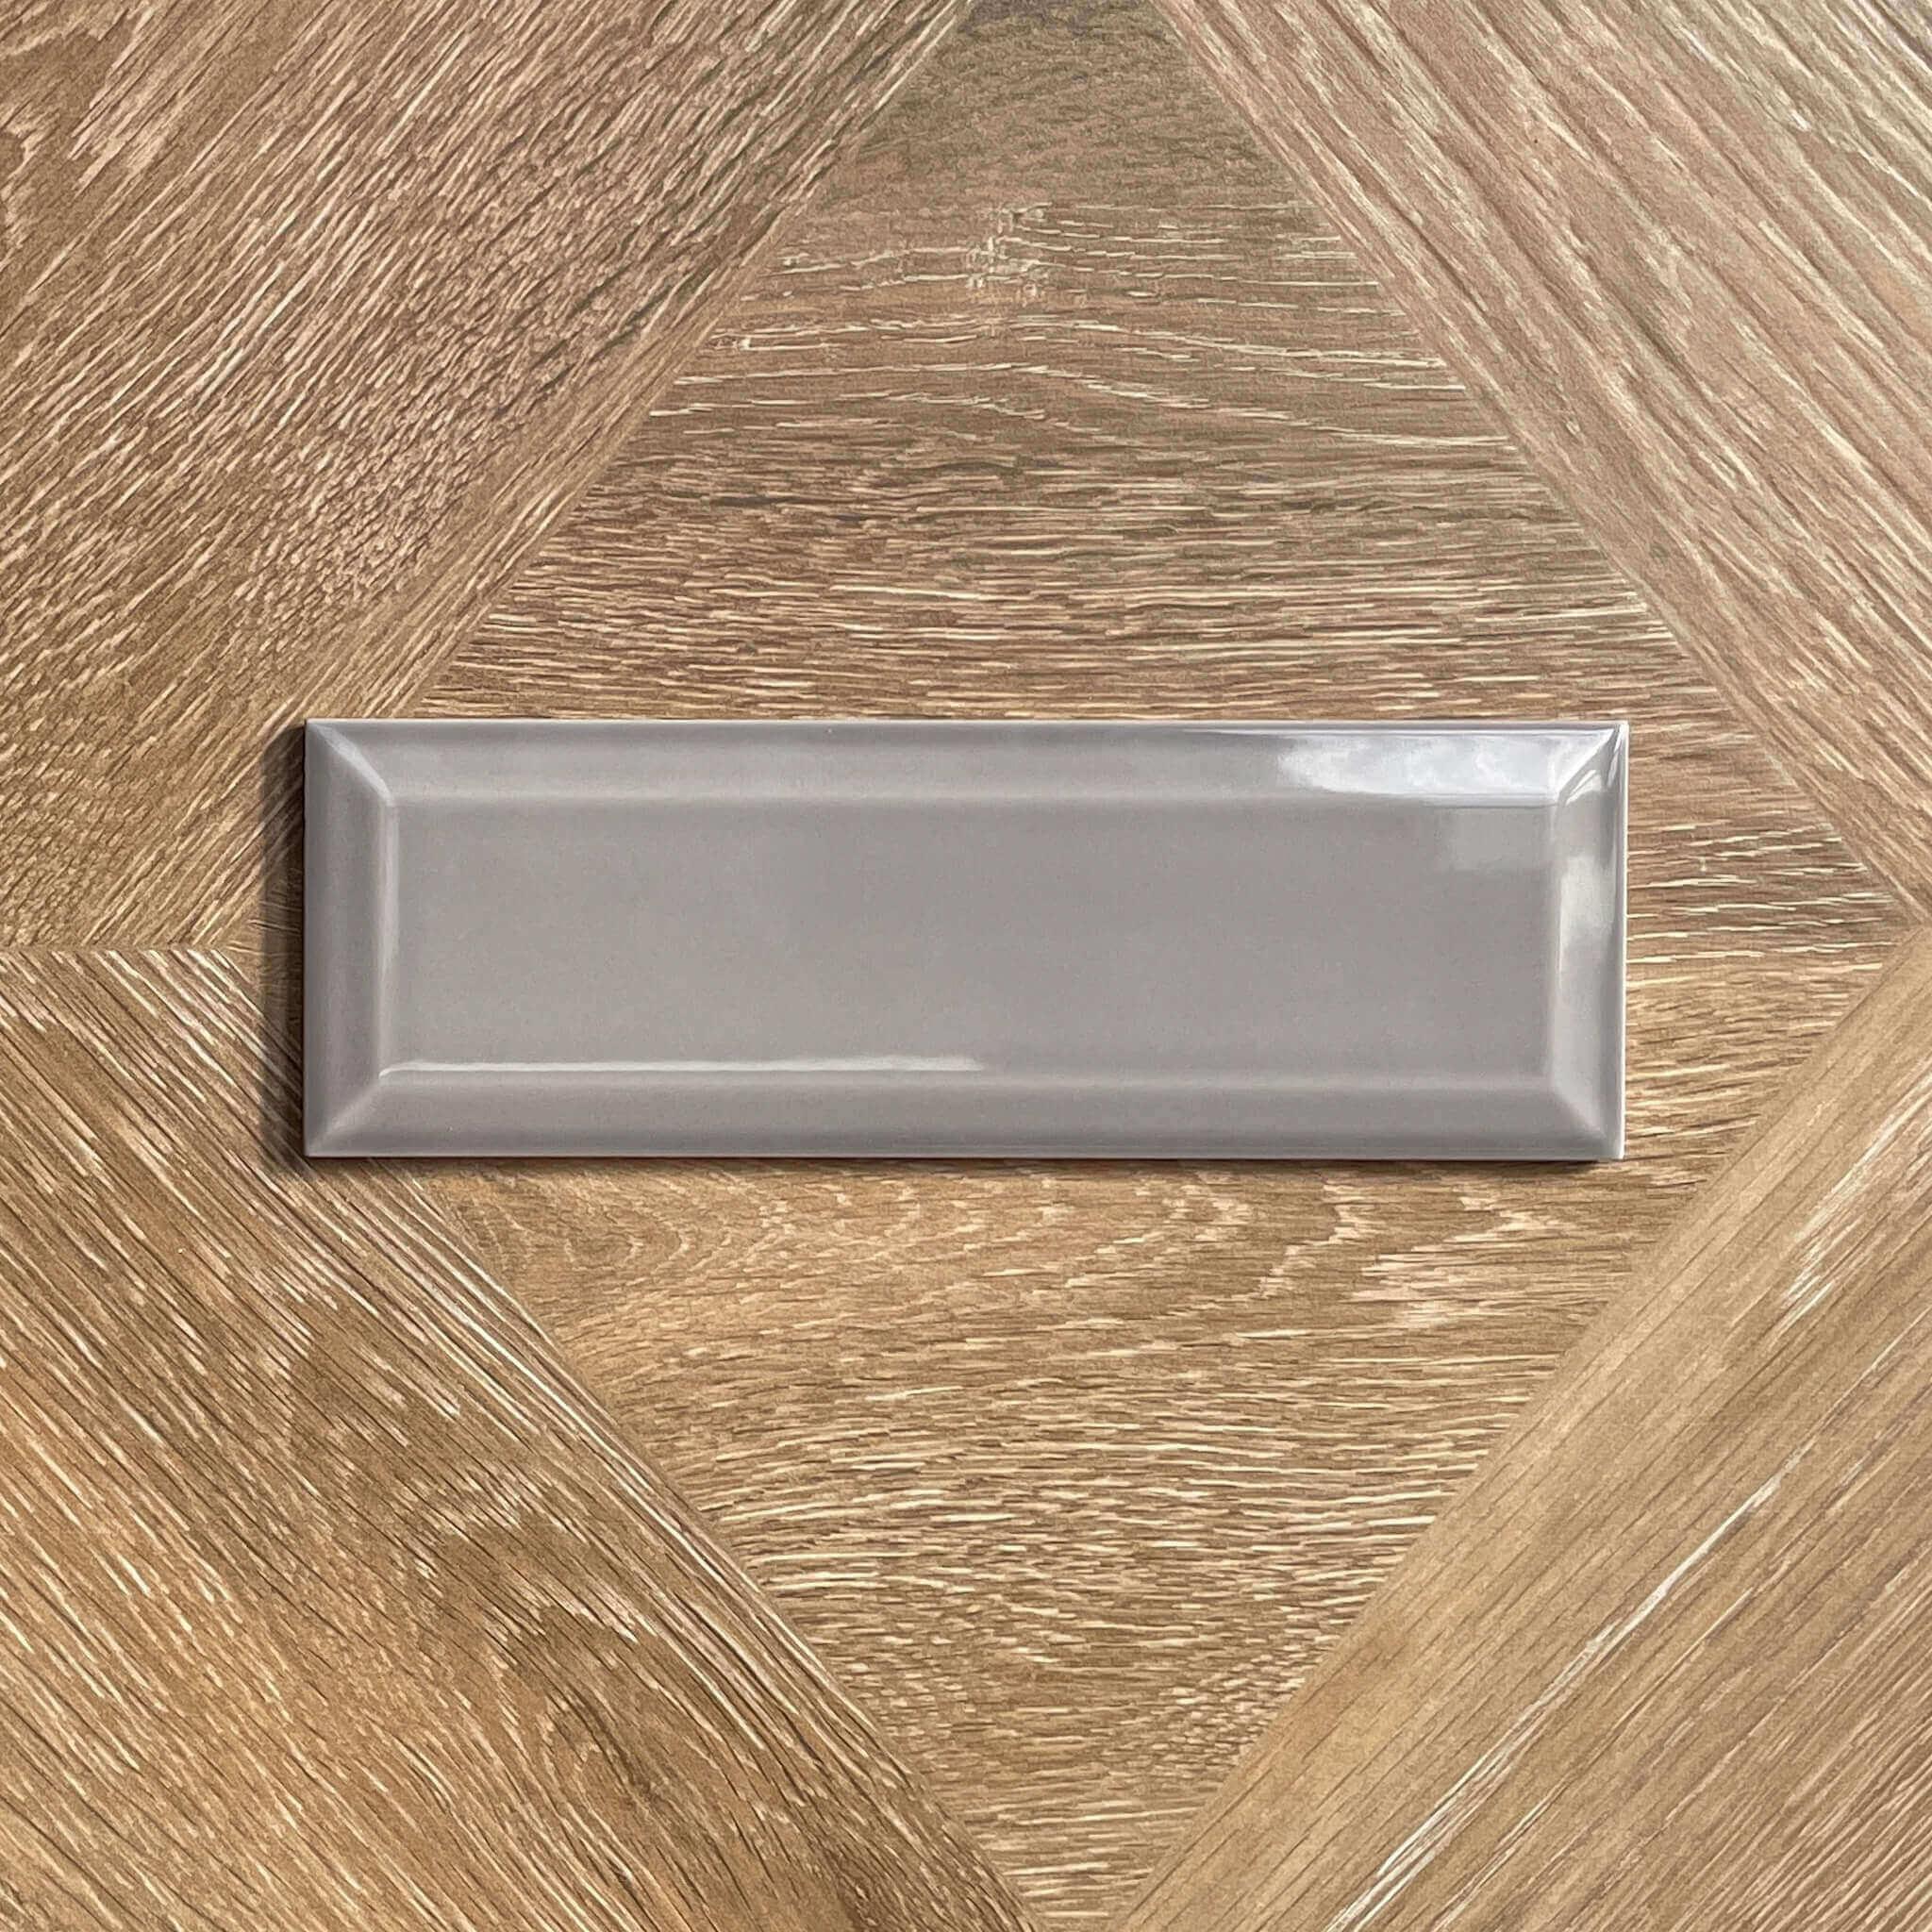 Sevilla Gravel Grey Bevelled Edge Gloss Spanish Ceramic Wall Tile 4225